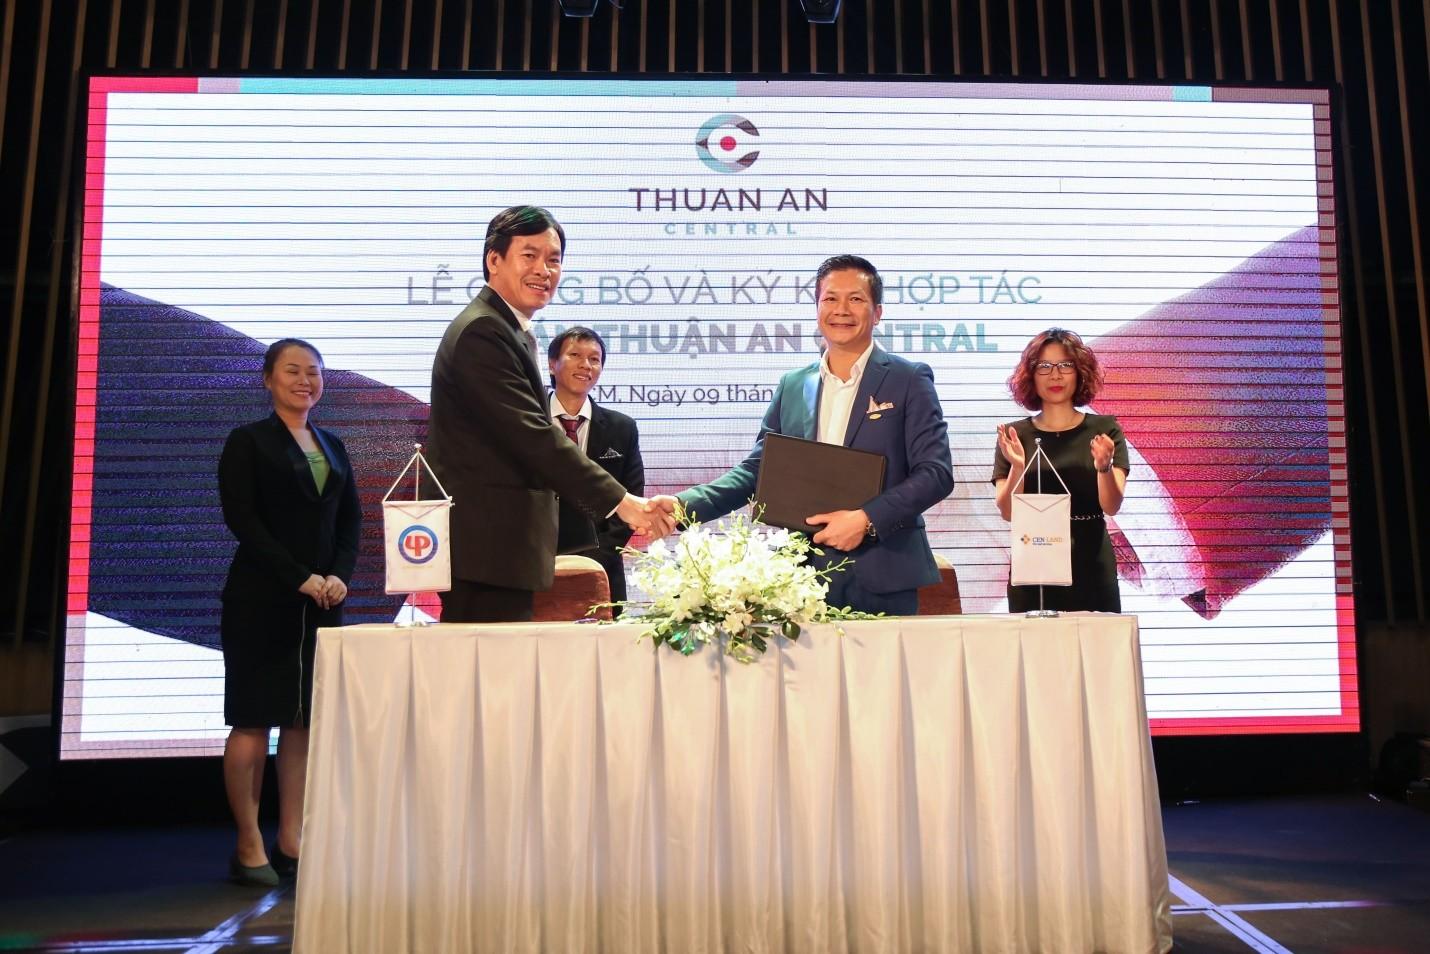 Lê Phong hợp tác với Cenland phát triển dự án Thuận An Central  - Ảnh 2